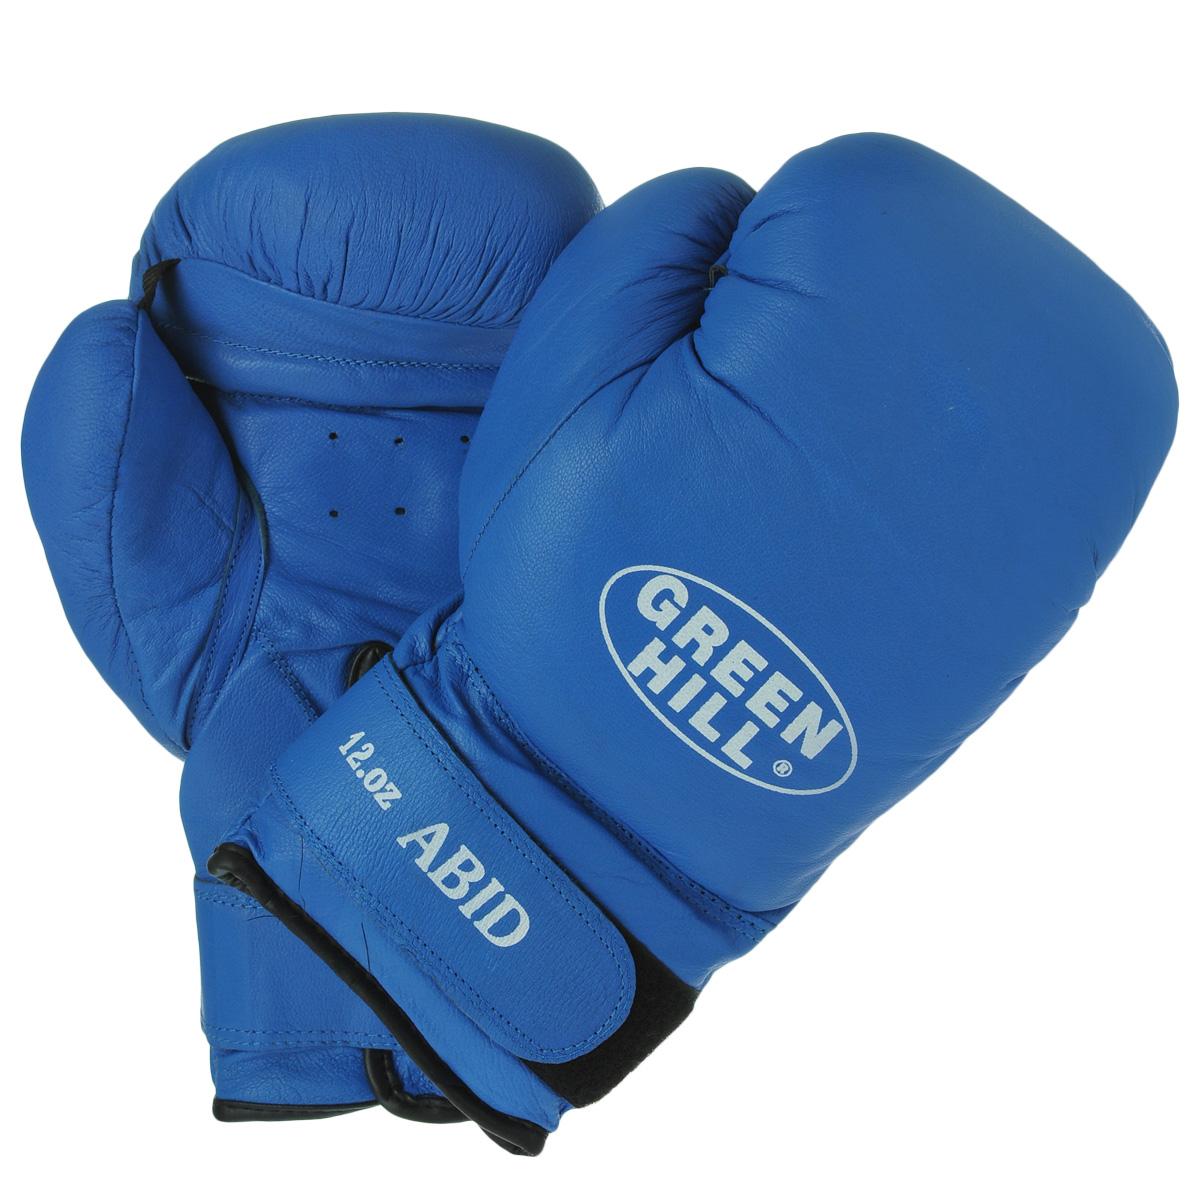 Перчатки боксерские Green Hill Abid, цвет: синий. Вес 12 унцийBGA-2024Боксерские тренировочные перчатки Green Hill Abid выполнены из натуральной кожи. Они отлично подойдут для начинающих спортсменов. Мягкий наполнитель из очеса предотвращает любые травмы. Широкий ремень, охватывая запястье, полностью оборачивается вокруг манжеты, благодаря чему создается дополнительная защита лучезапястного сустава от травмирования. Застежка на липучке способствует быстрому и удобному одеванию перчаток, плотно фиксирует перчатки на руке.